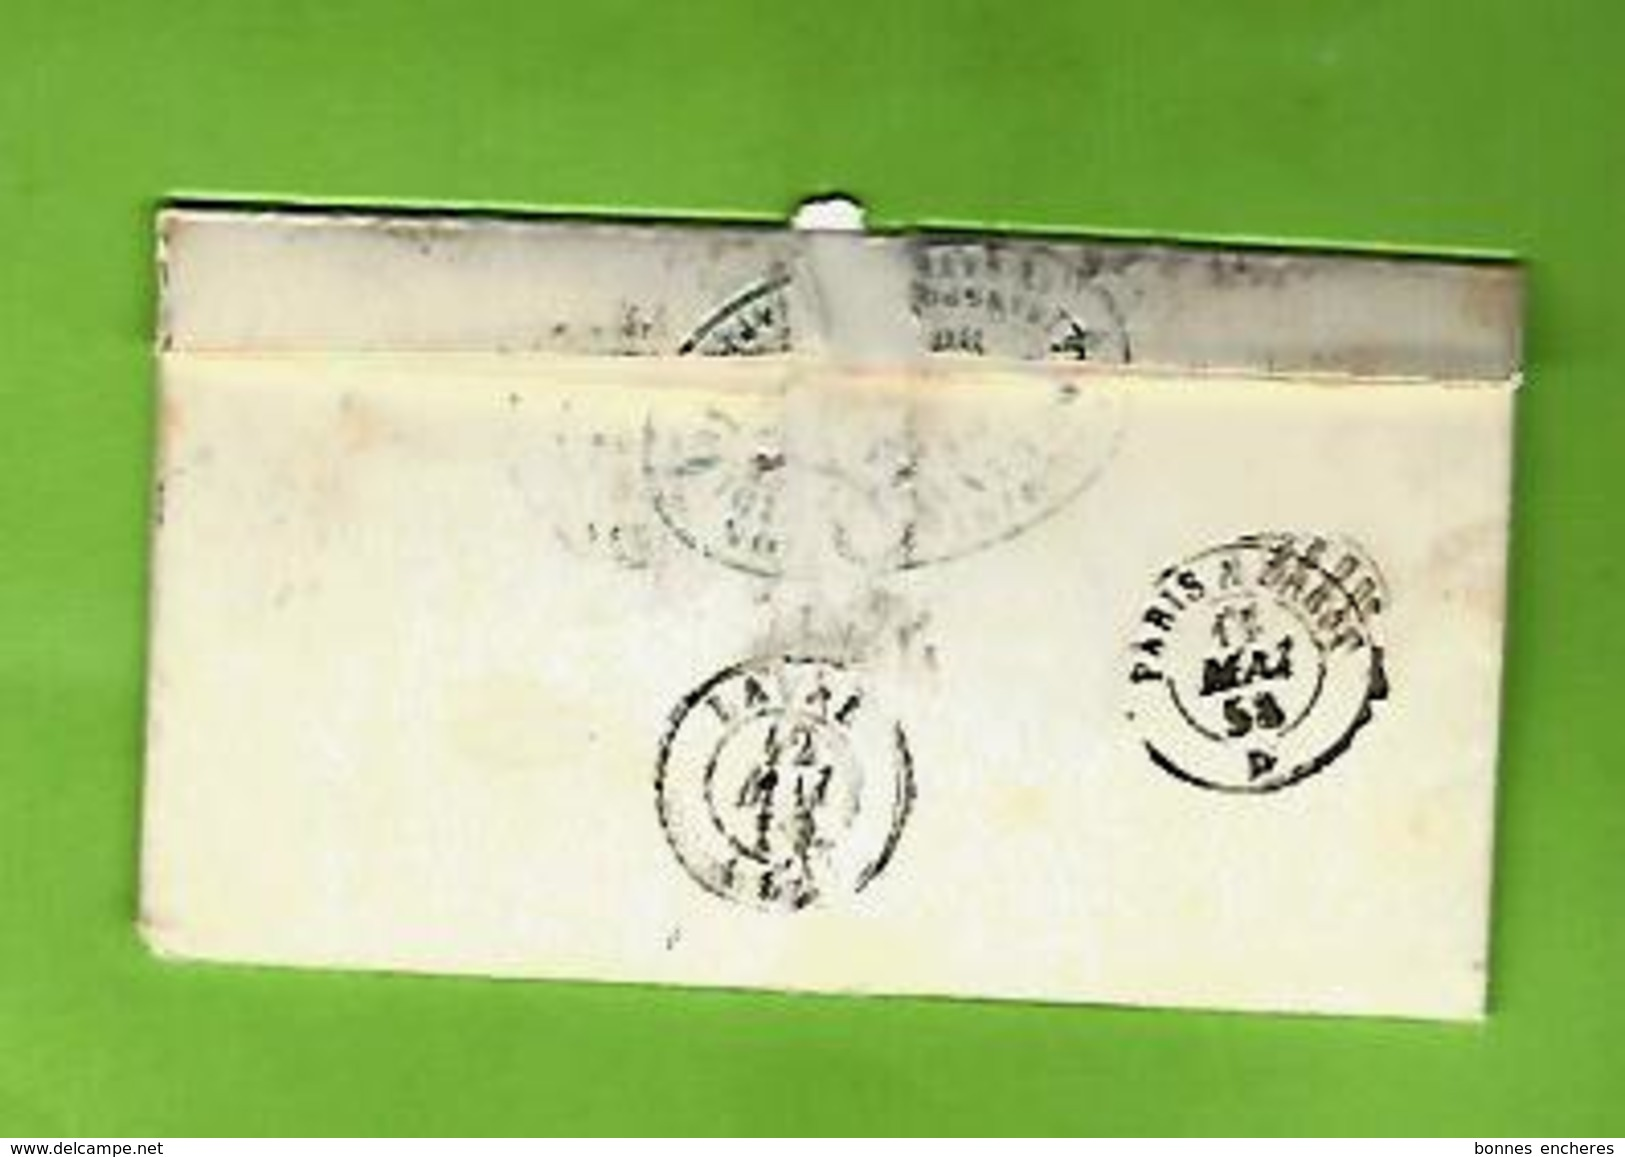 LETTRE D AFFAIRES ENTETE CANAL DU MIDI BORDEAUX  BATEAUX A VAPEUR 1858 Pour VILFEU AVOCAT AVOUE à LAVAL V.SCANS - Manuscrits